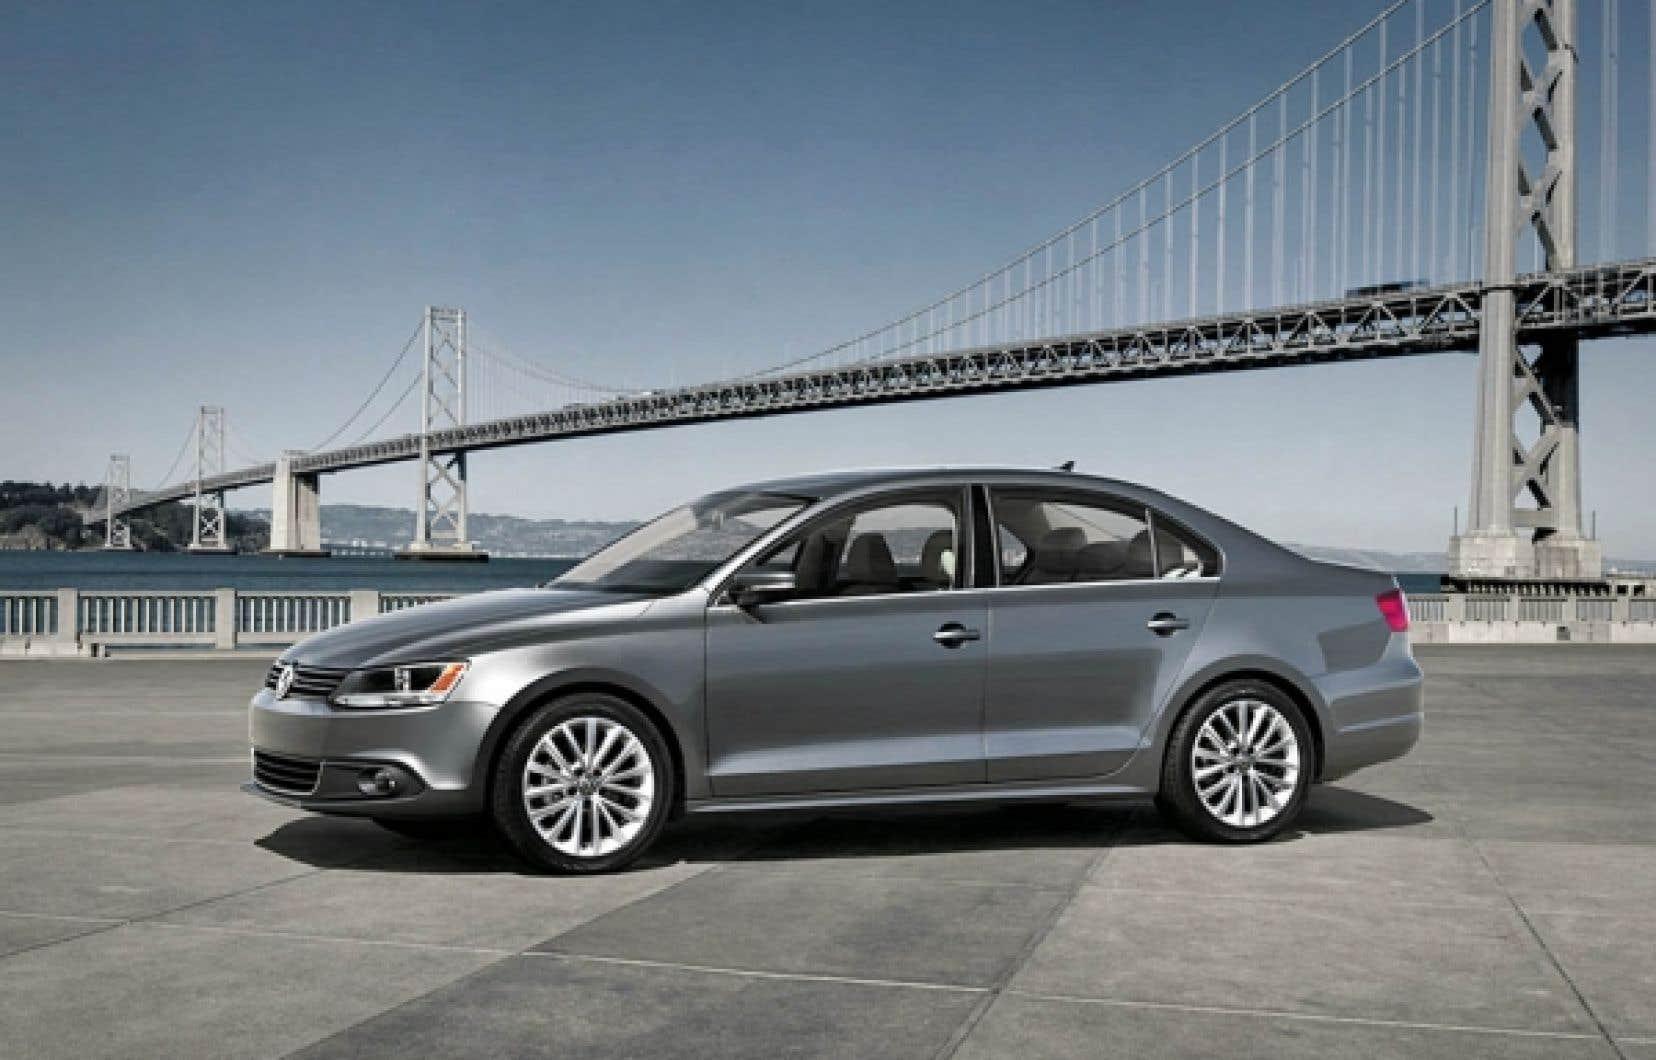 La sixième génération de la Jetta revient aux formes anguleuses que l'on associe au style Volkswagen.